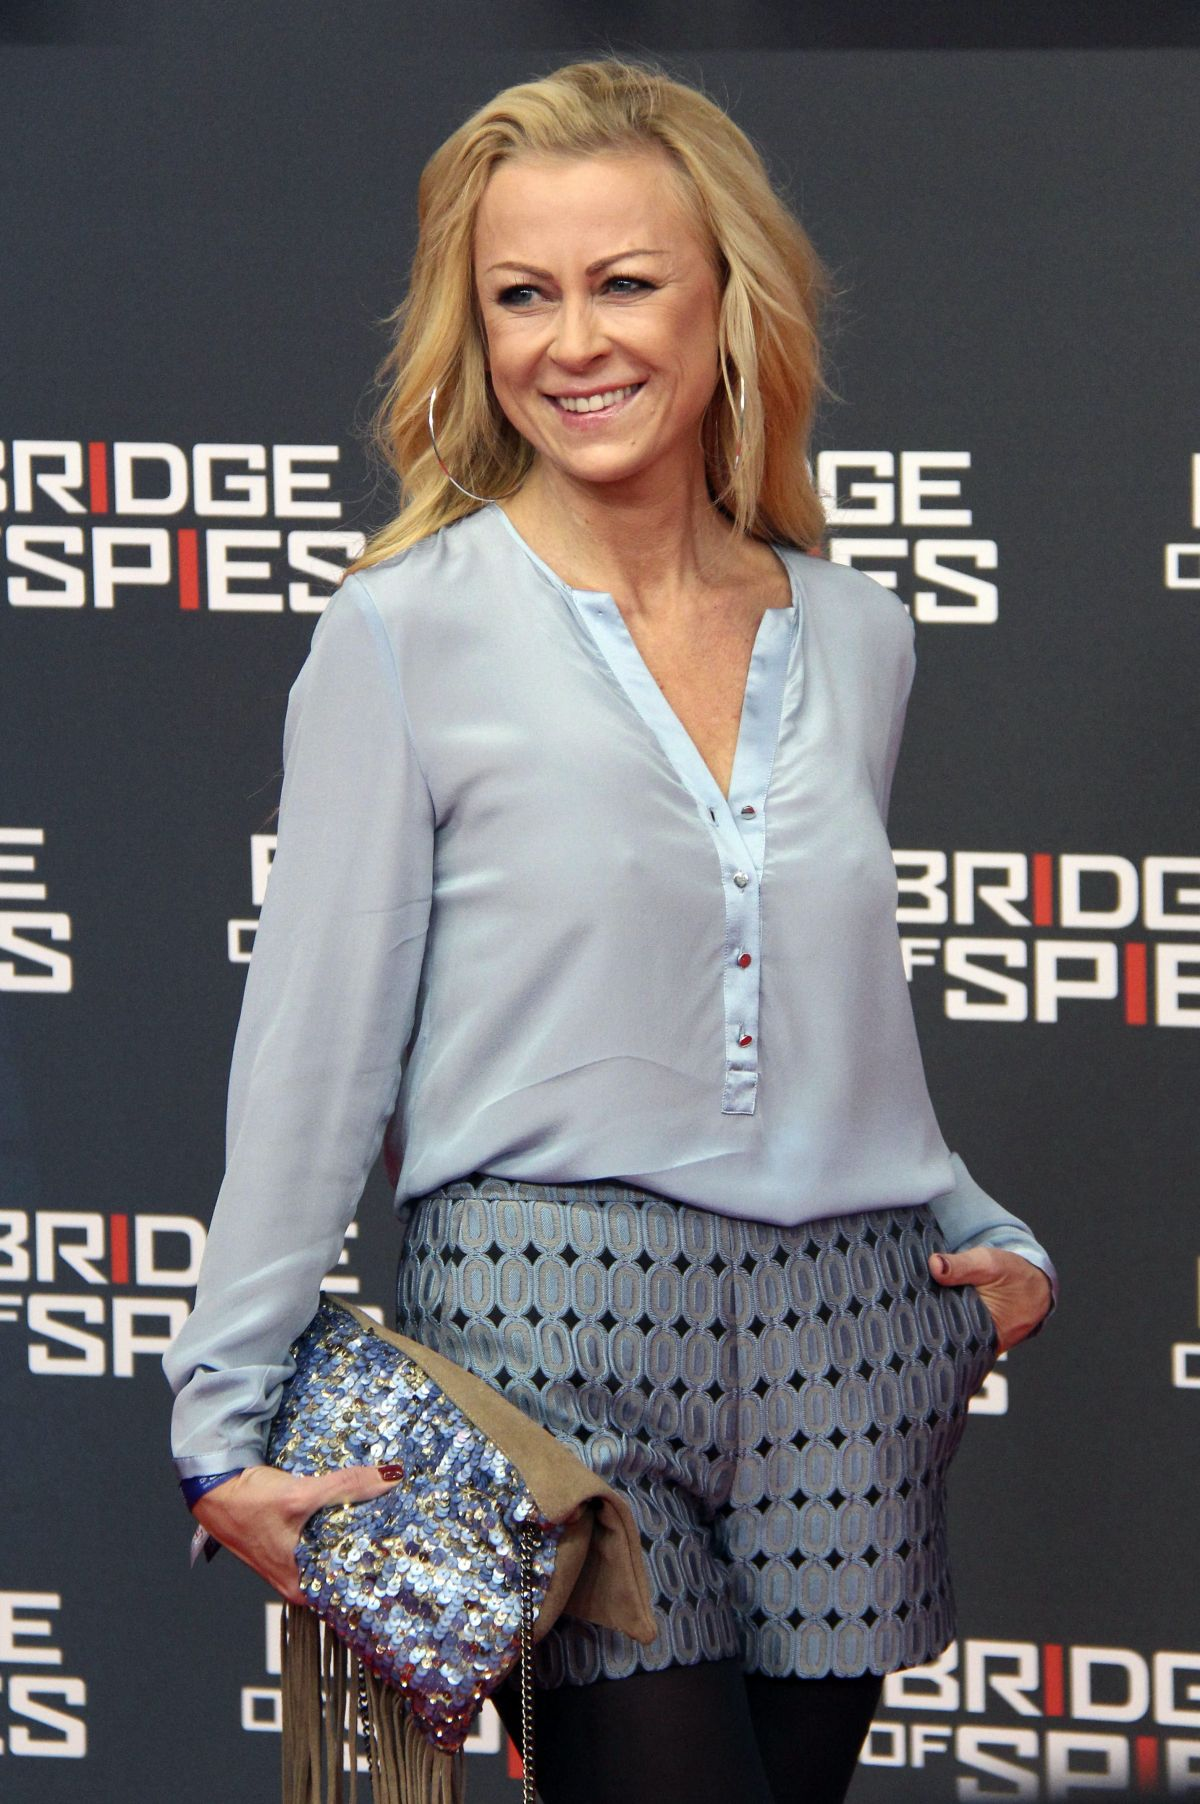 JENNY ELVERS-ELBERTZHAGEN at Bridge of Spies Premiere at Zoo Palast in Berlin 11/13/2015